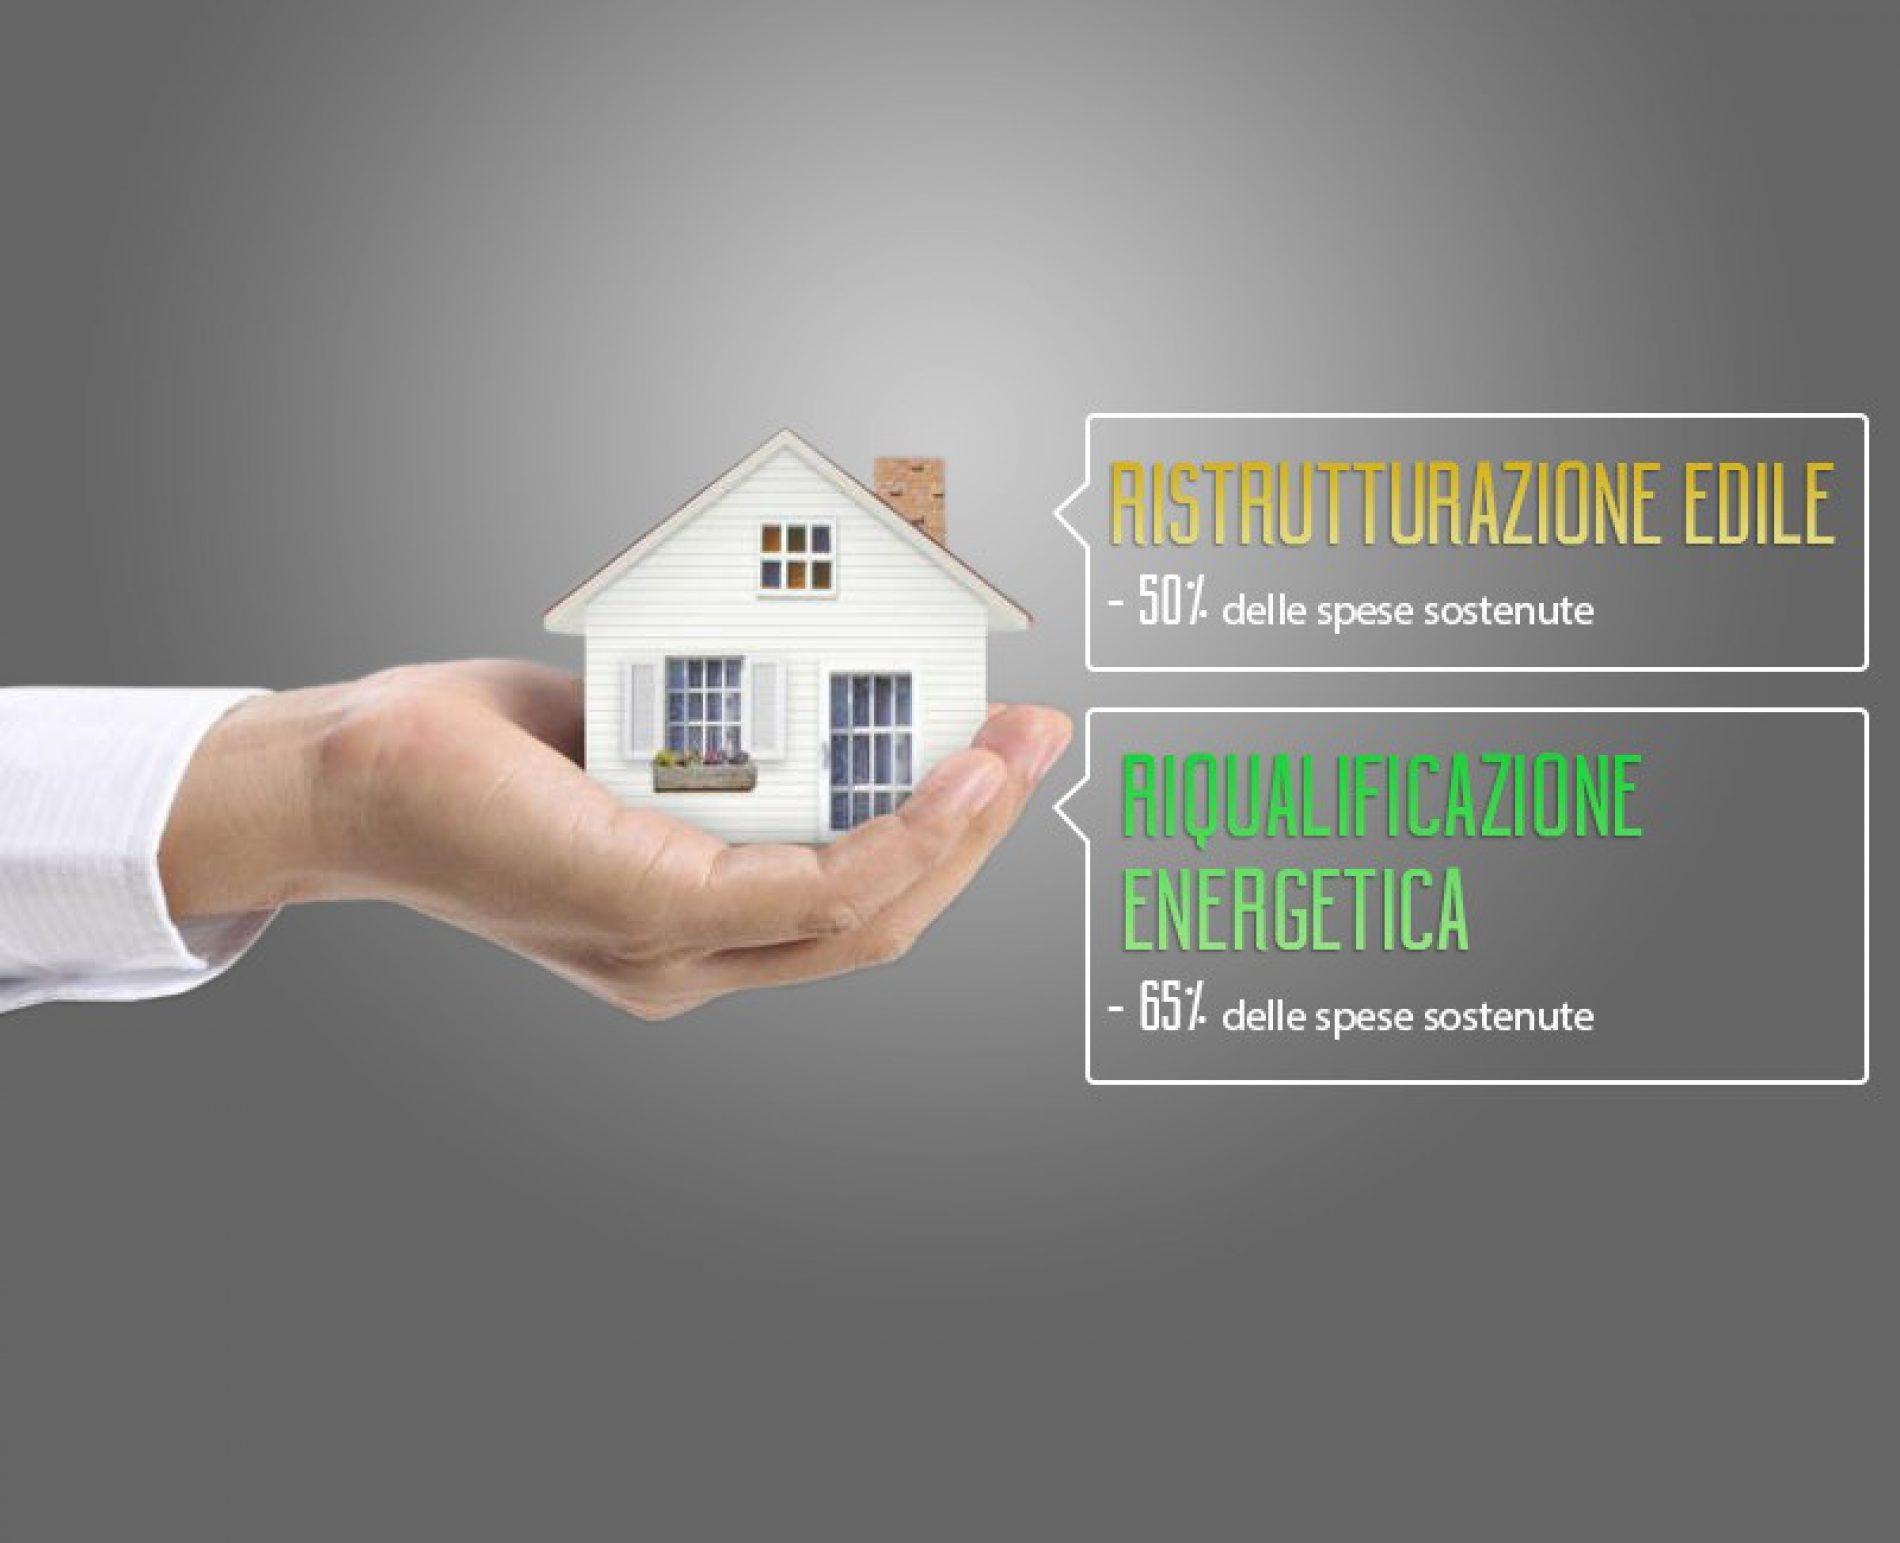 Proroga del bonus ristrutturazioni e riqualificazione energetica